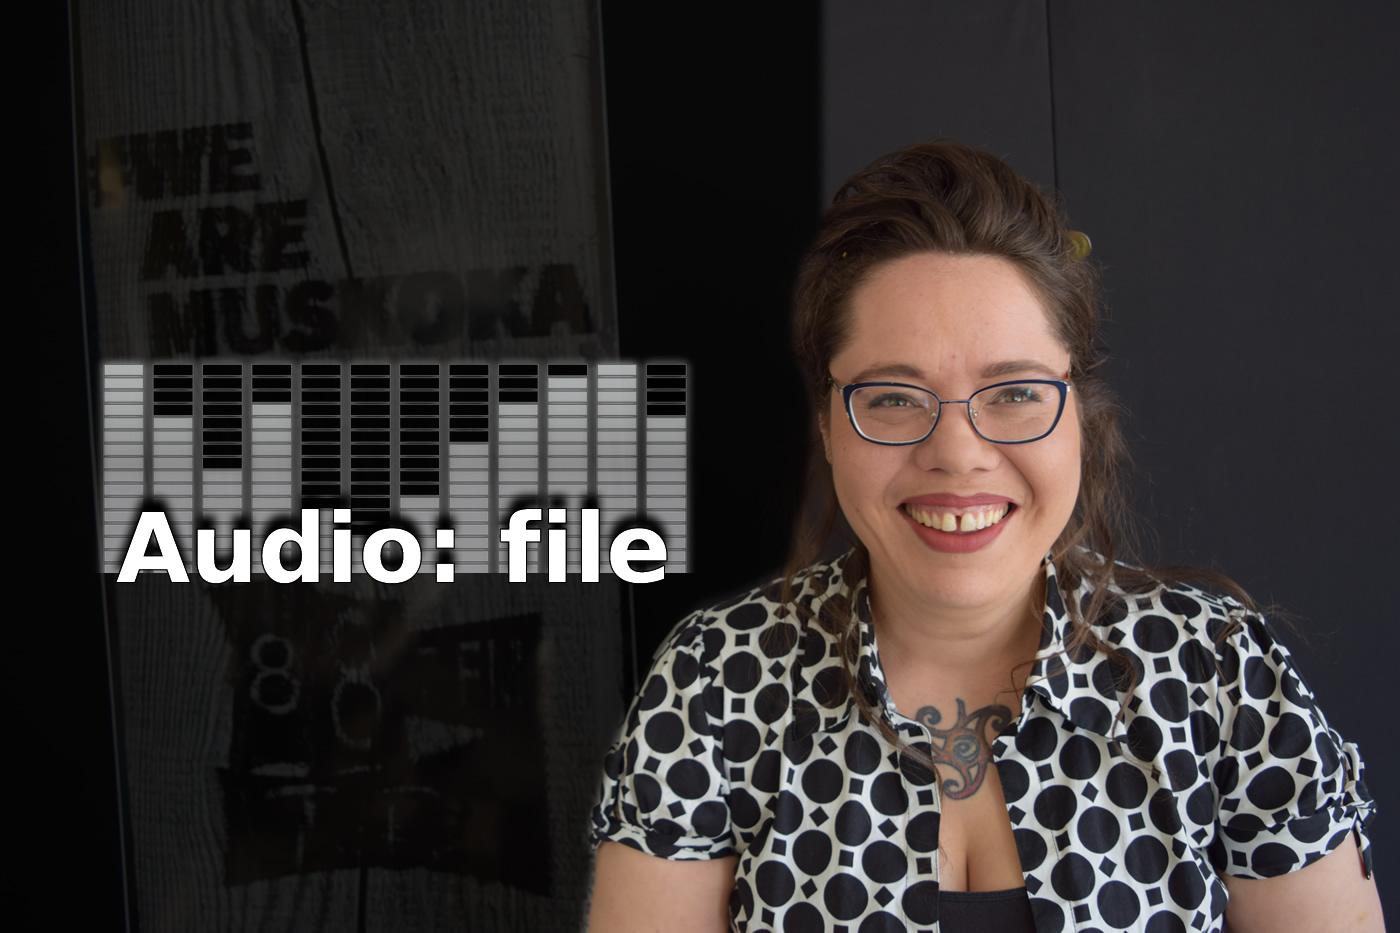 Audio: file